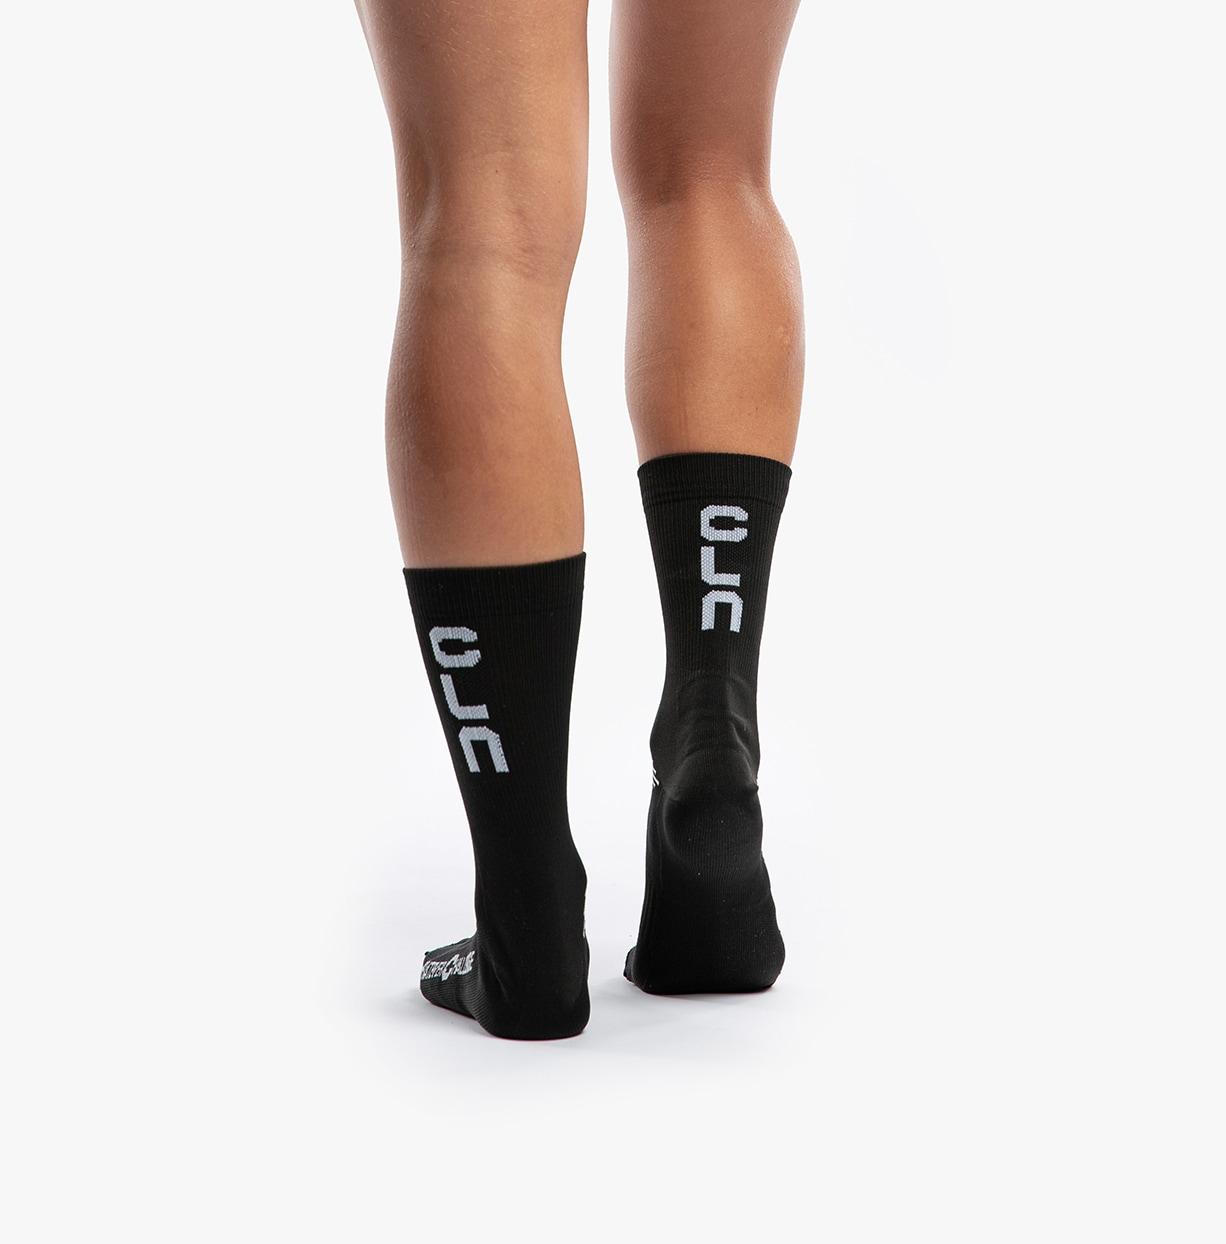 CLN Vision Socks Black